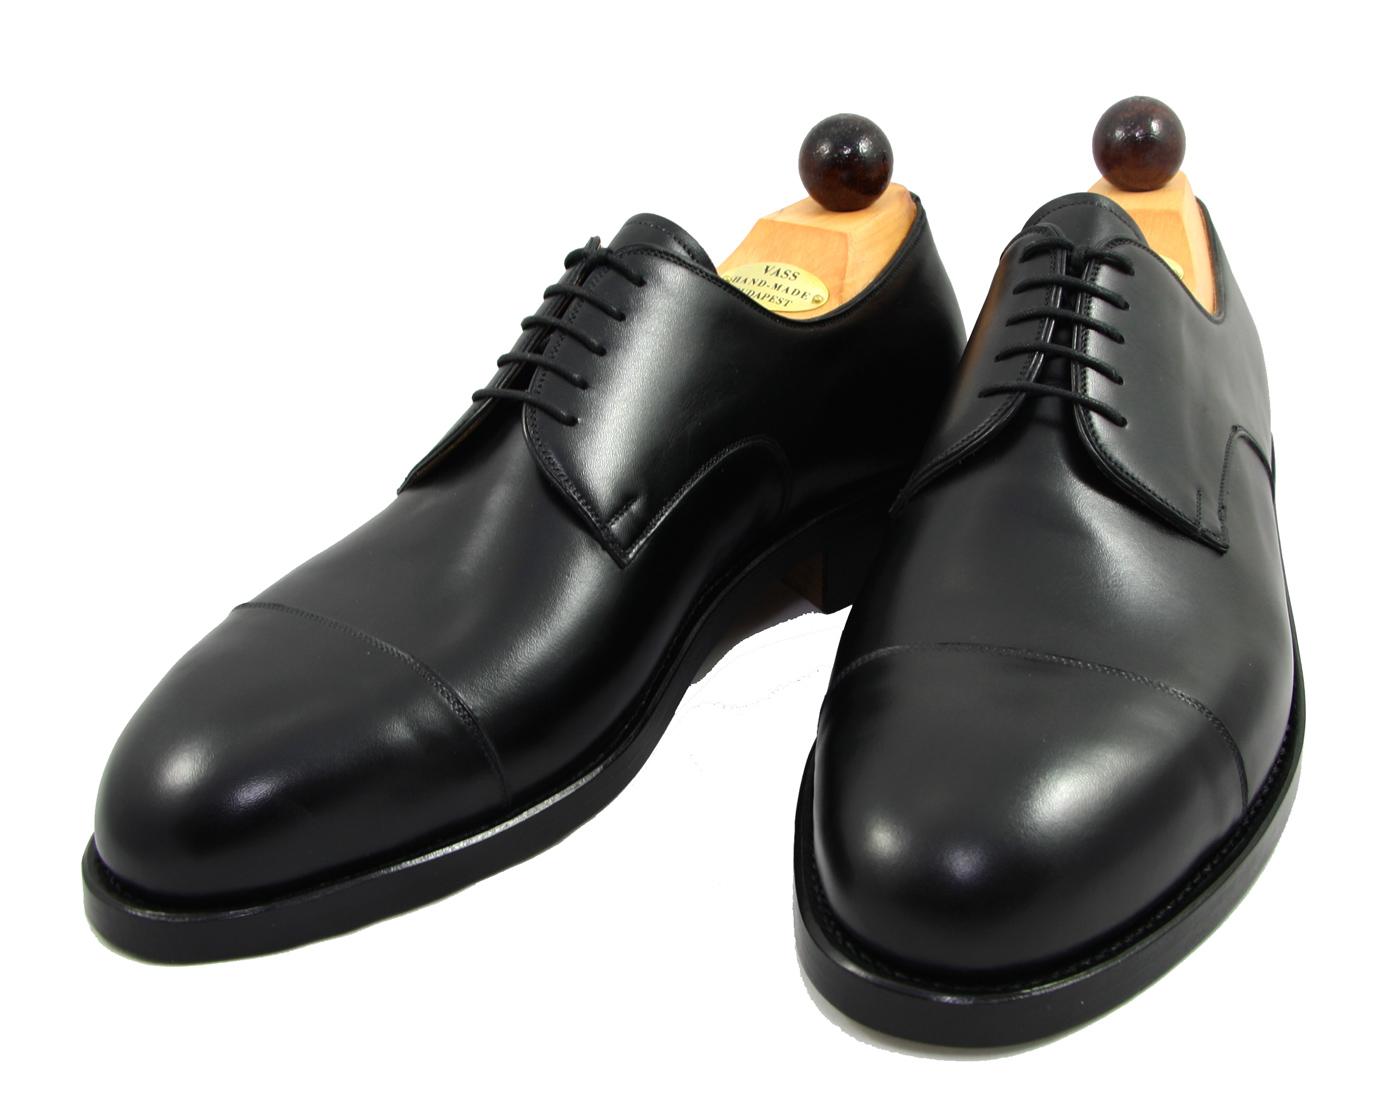 Vass Shoes Price